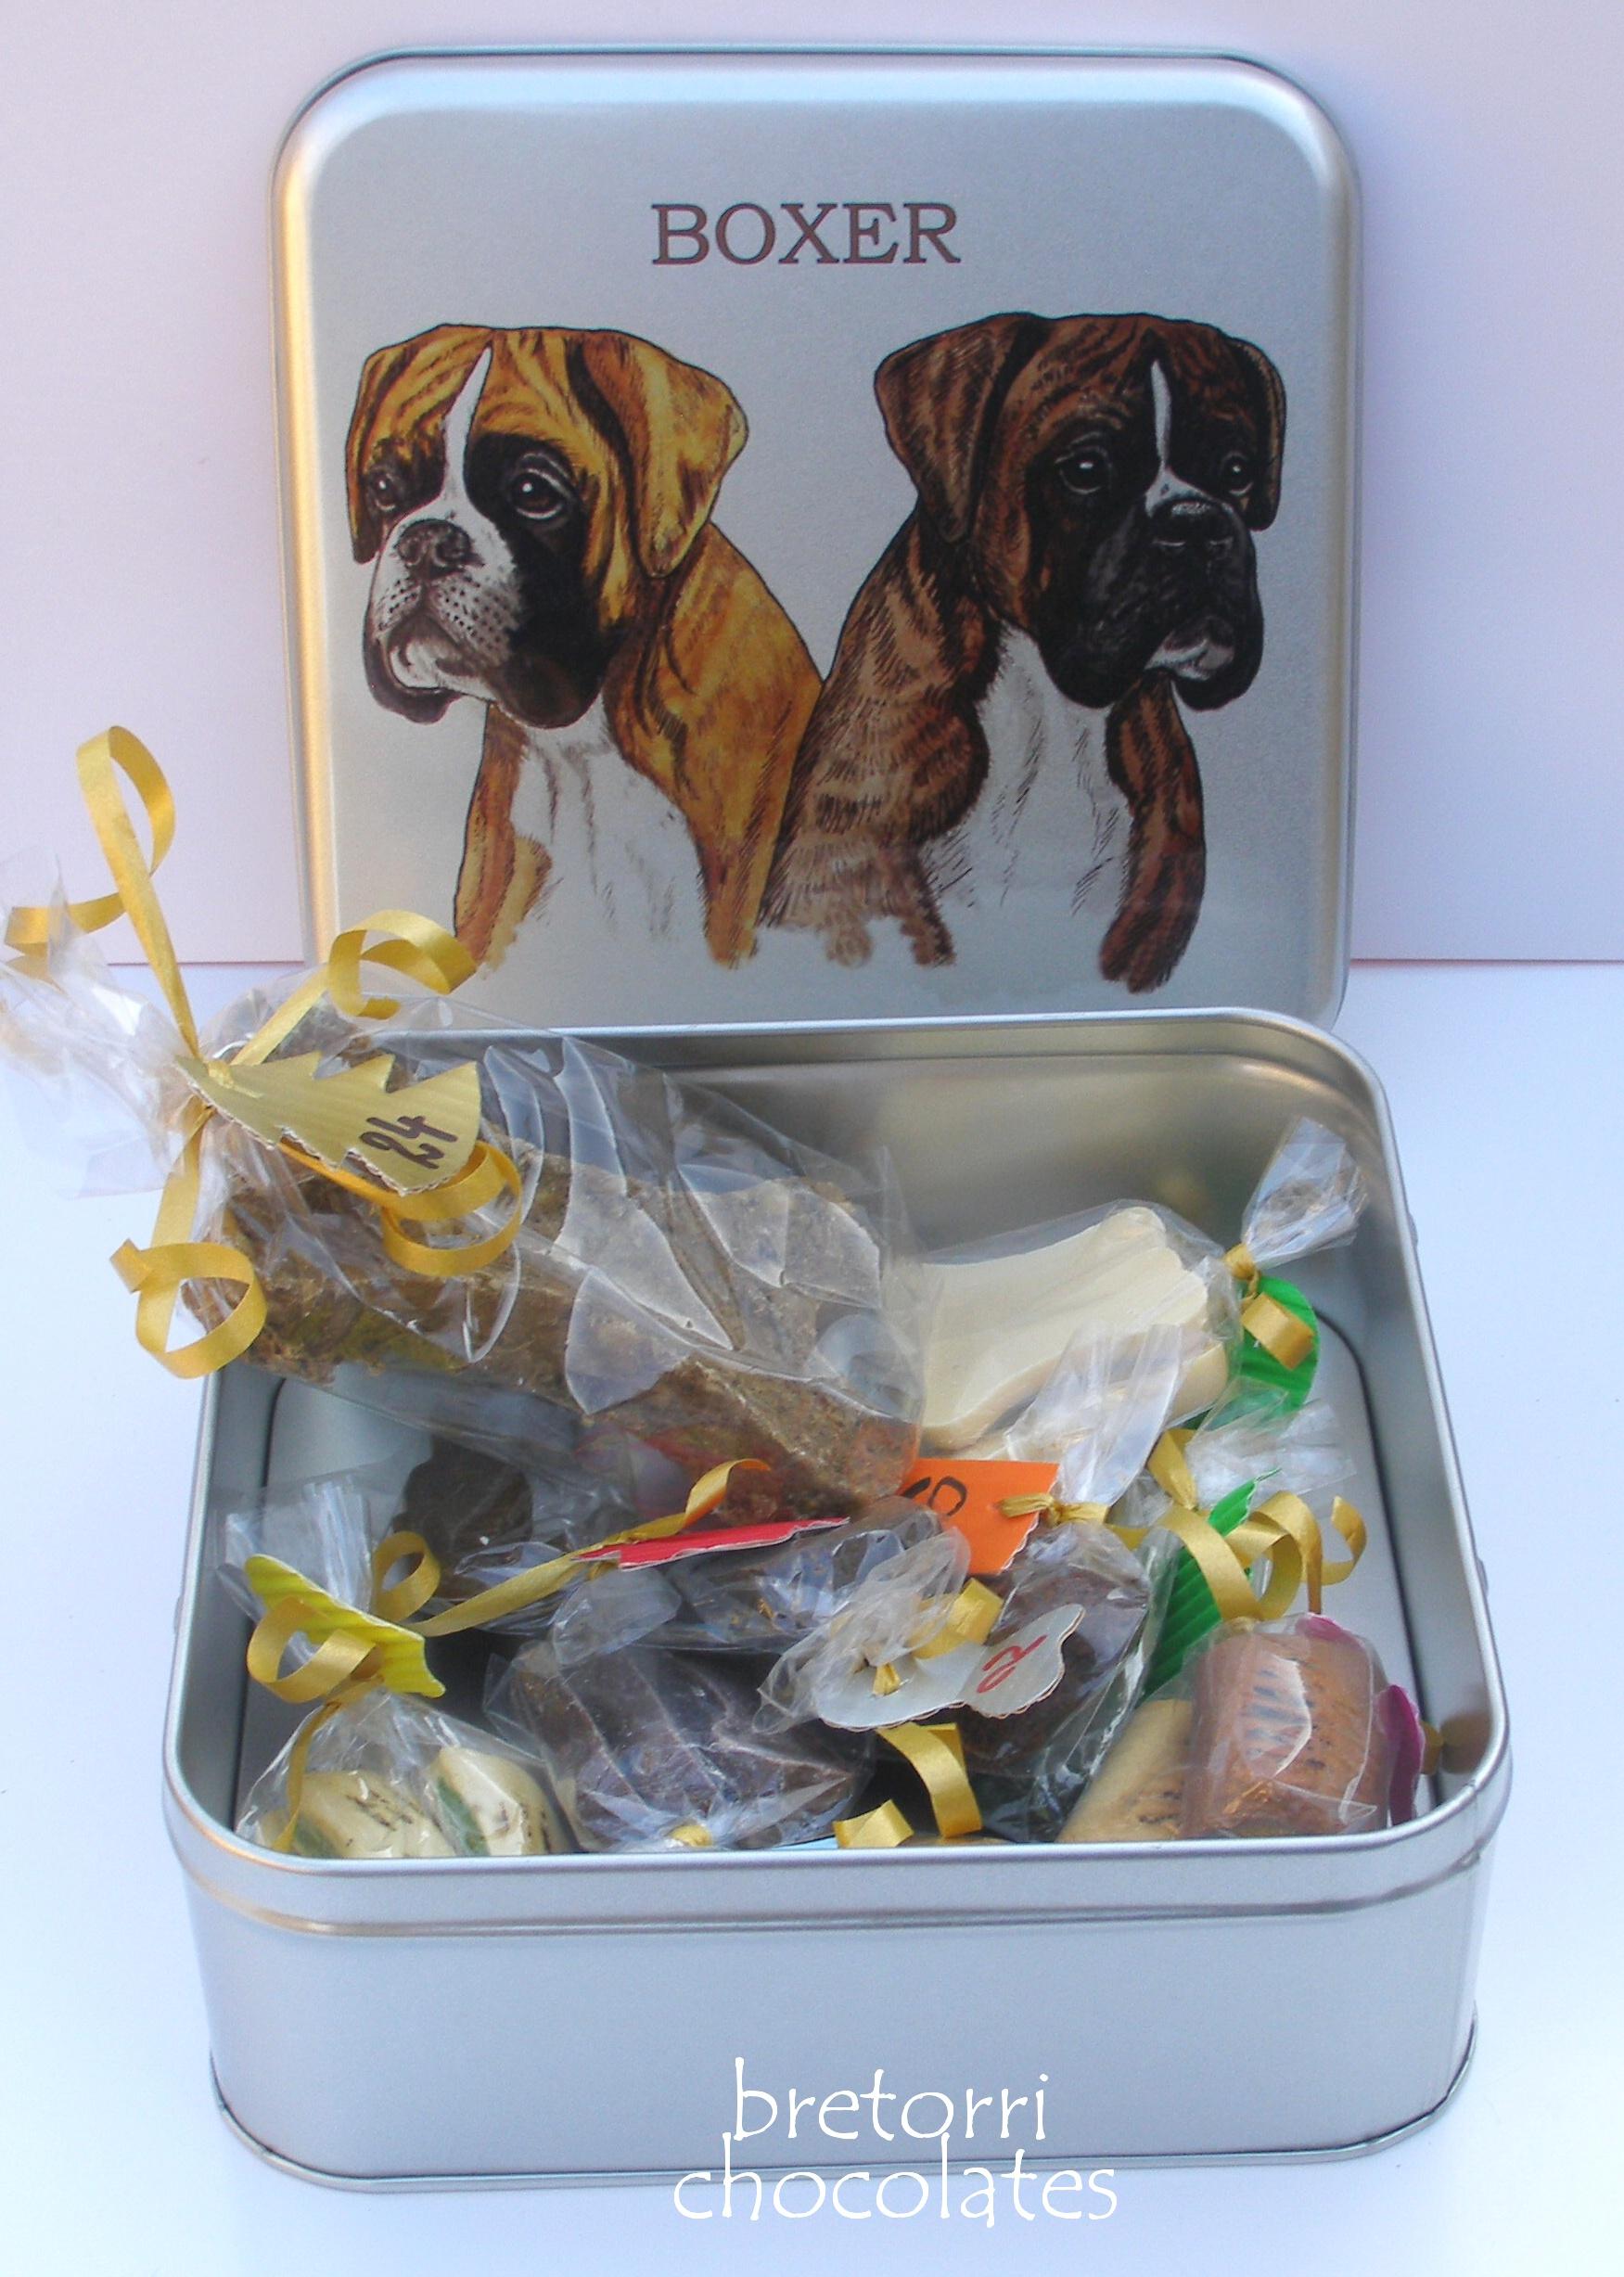 Boxer - větší dóza s pamlsky pro psy 55 kusů pamlsků